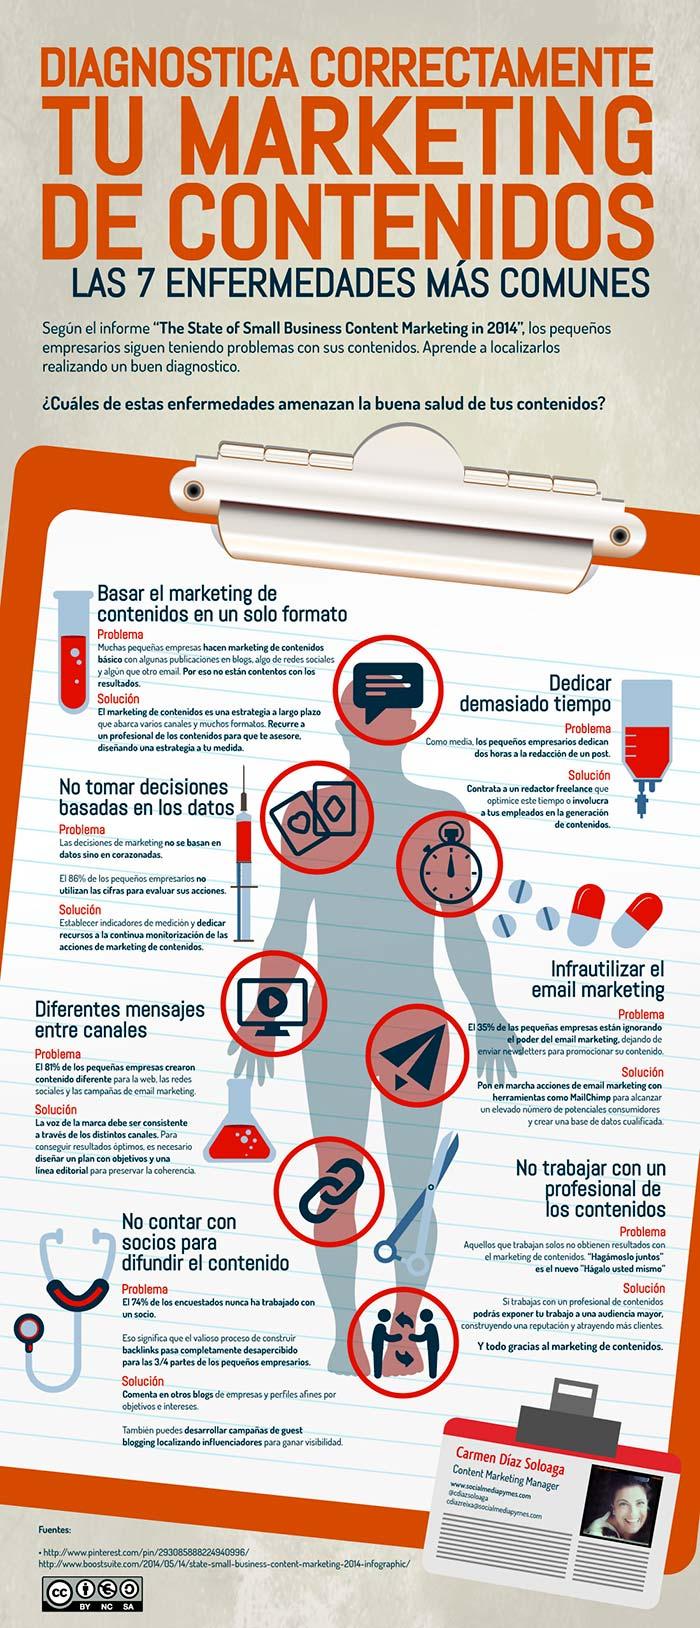 Infografia sobre las 7 enfermedades que afectan al marketing de contenido